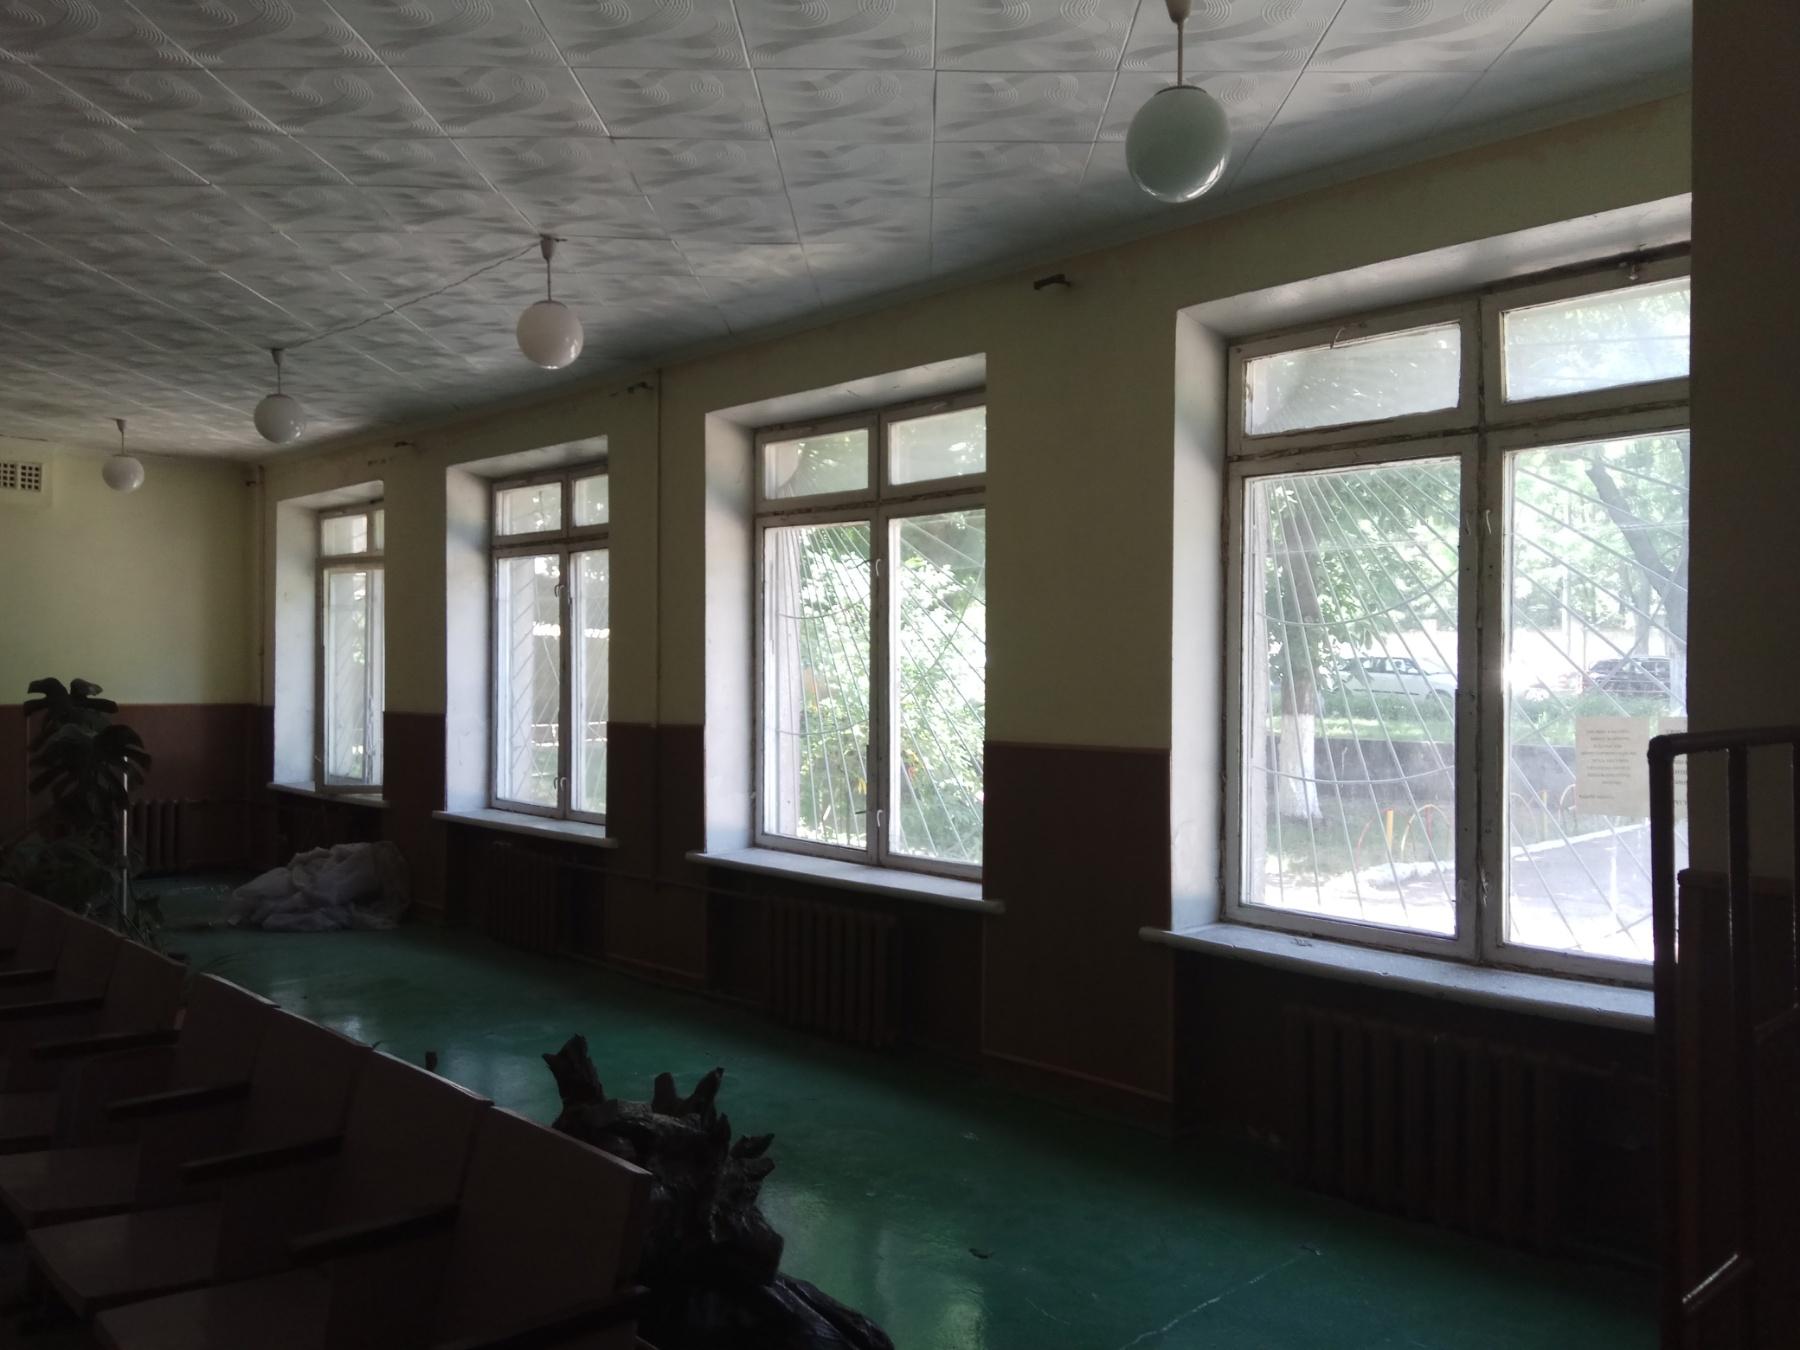 Одеська загальноосвітня школа №61 І-ІІІ ступенів Одеської міської ради Одеської області